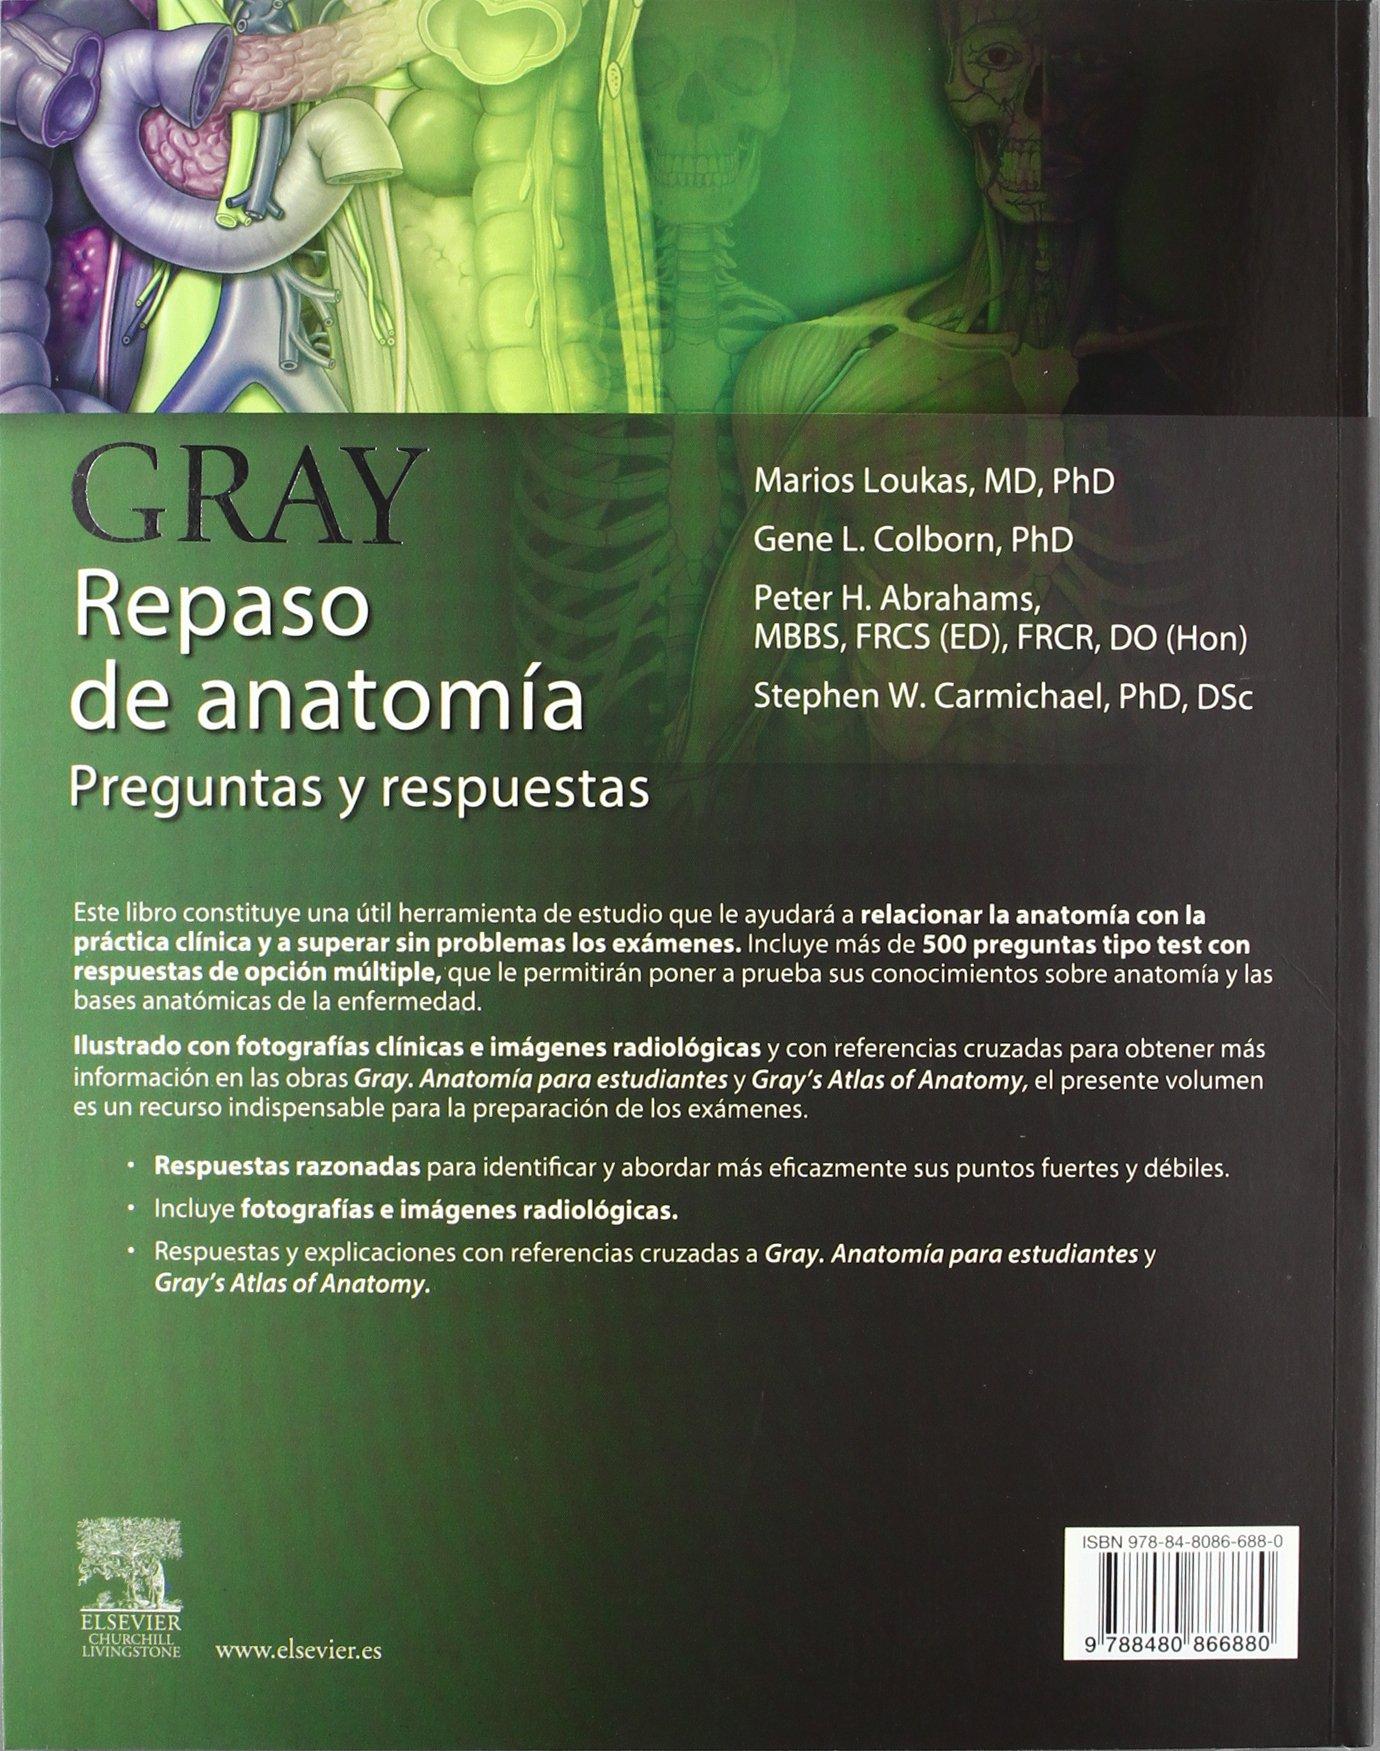 Dorable Preguntas De Práctica Clínica Anatomía Bandera - Anatomía de ...